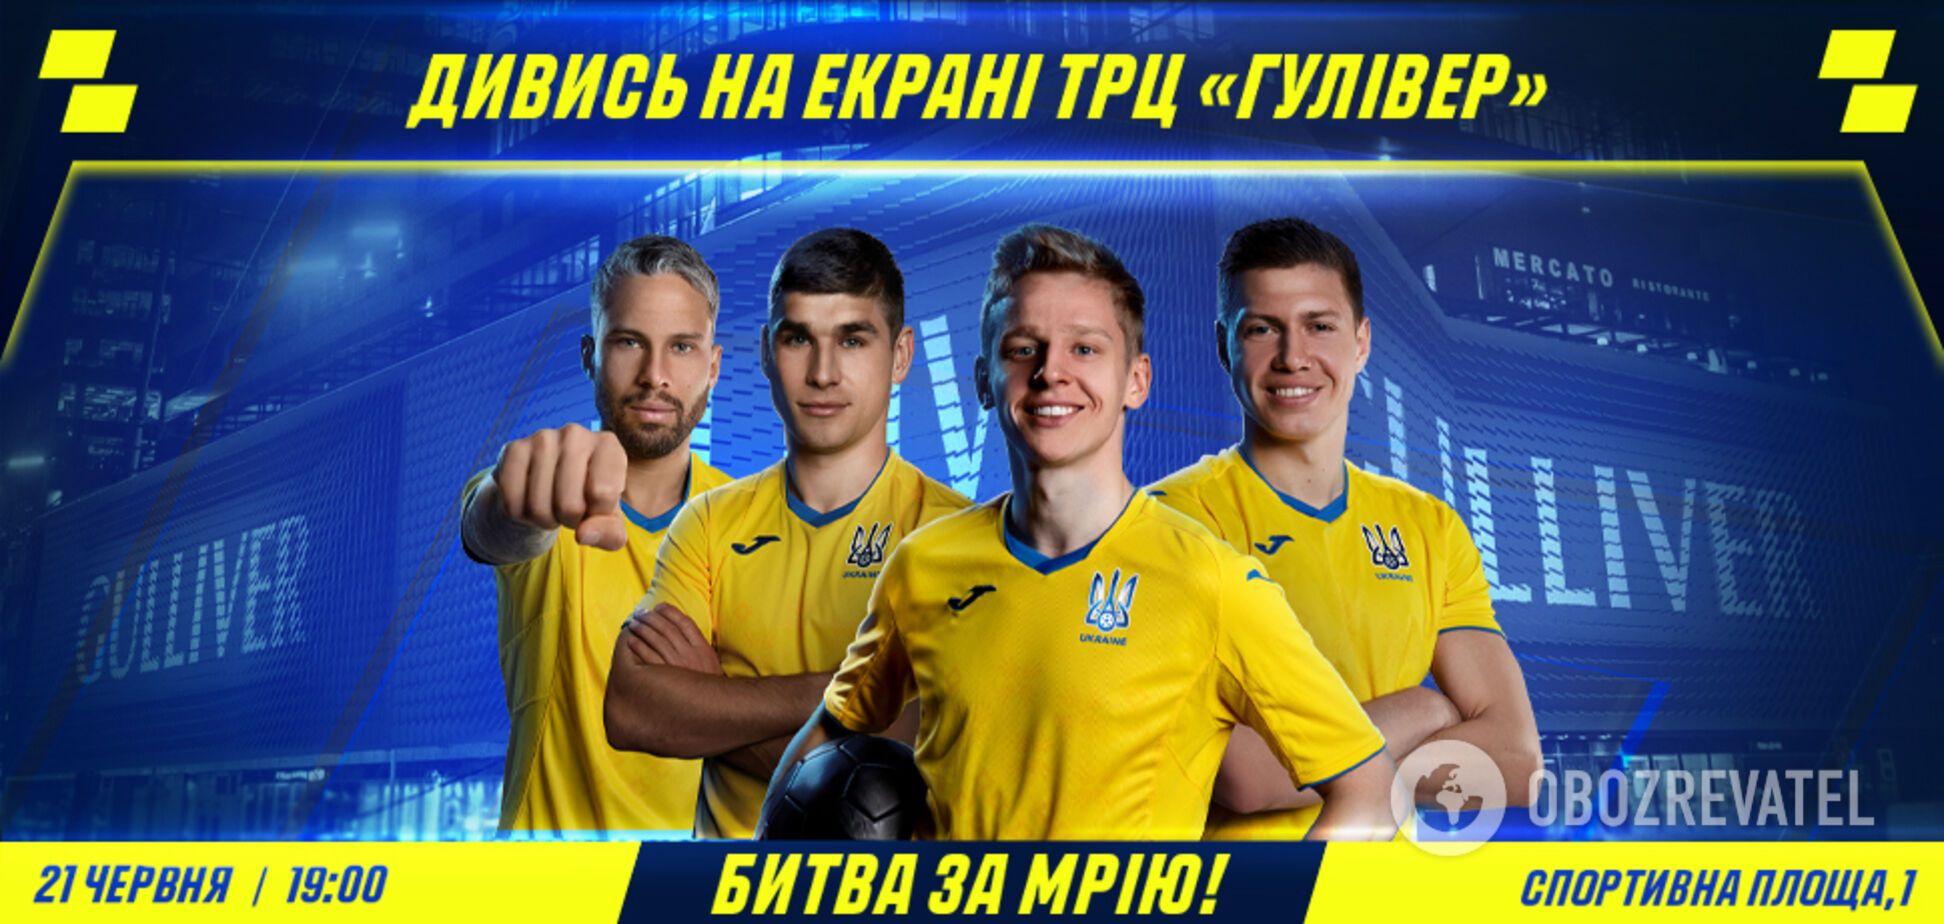 Украина – Австрия: смотри матч сборной на экранах ТРЦ Gulliver